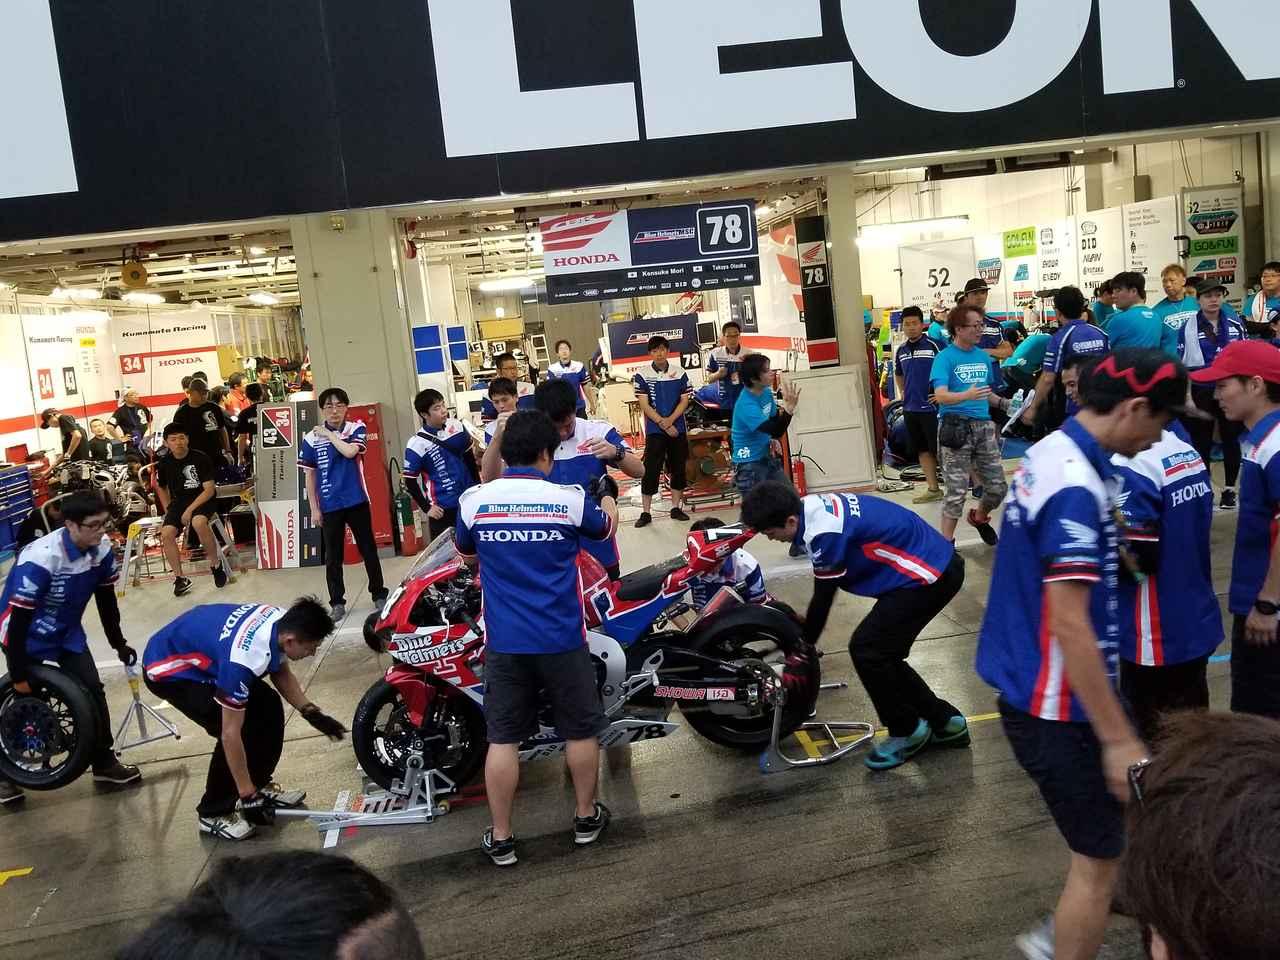 画像2: #78 HondaブルーヘルメットMSC熊本&朝霞 ピットワーク練習!!